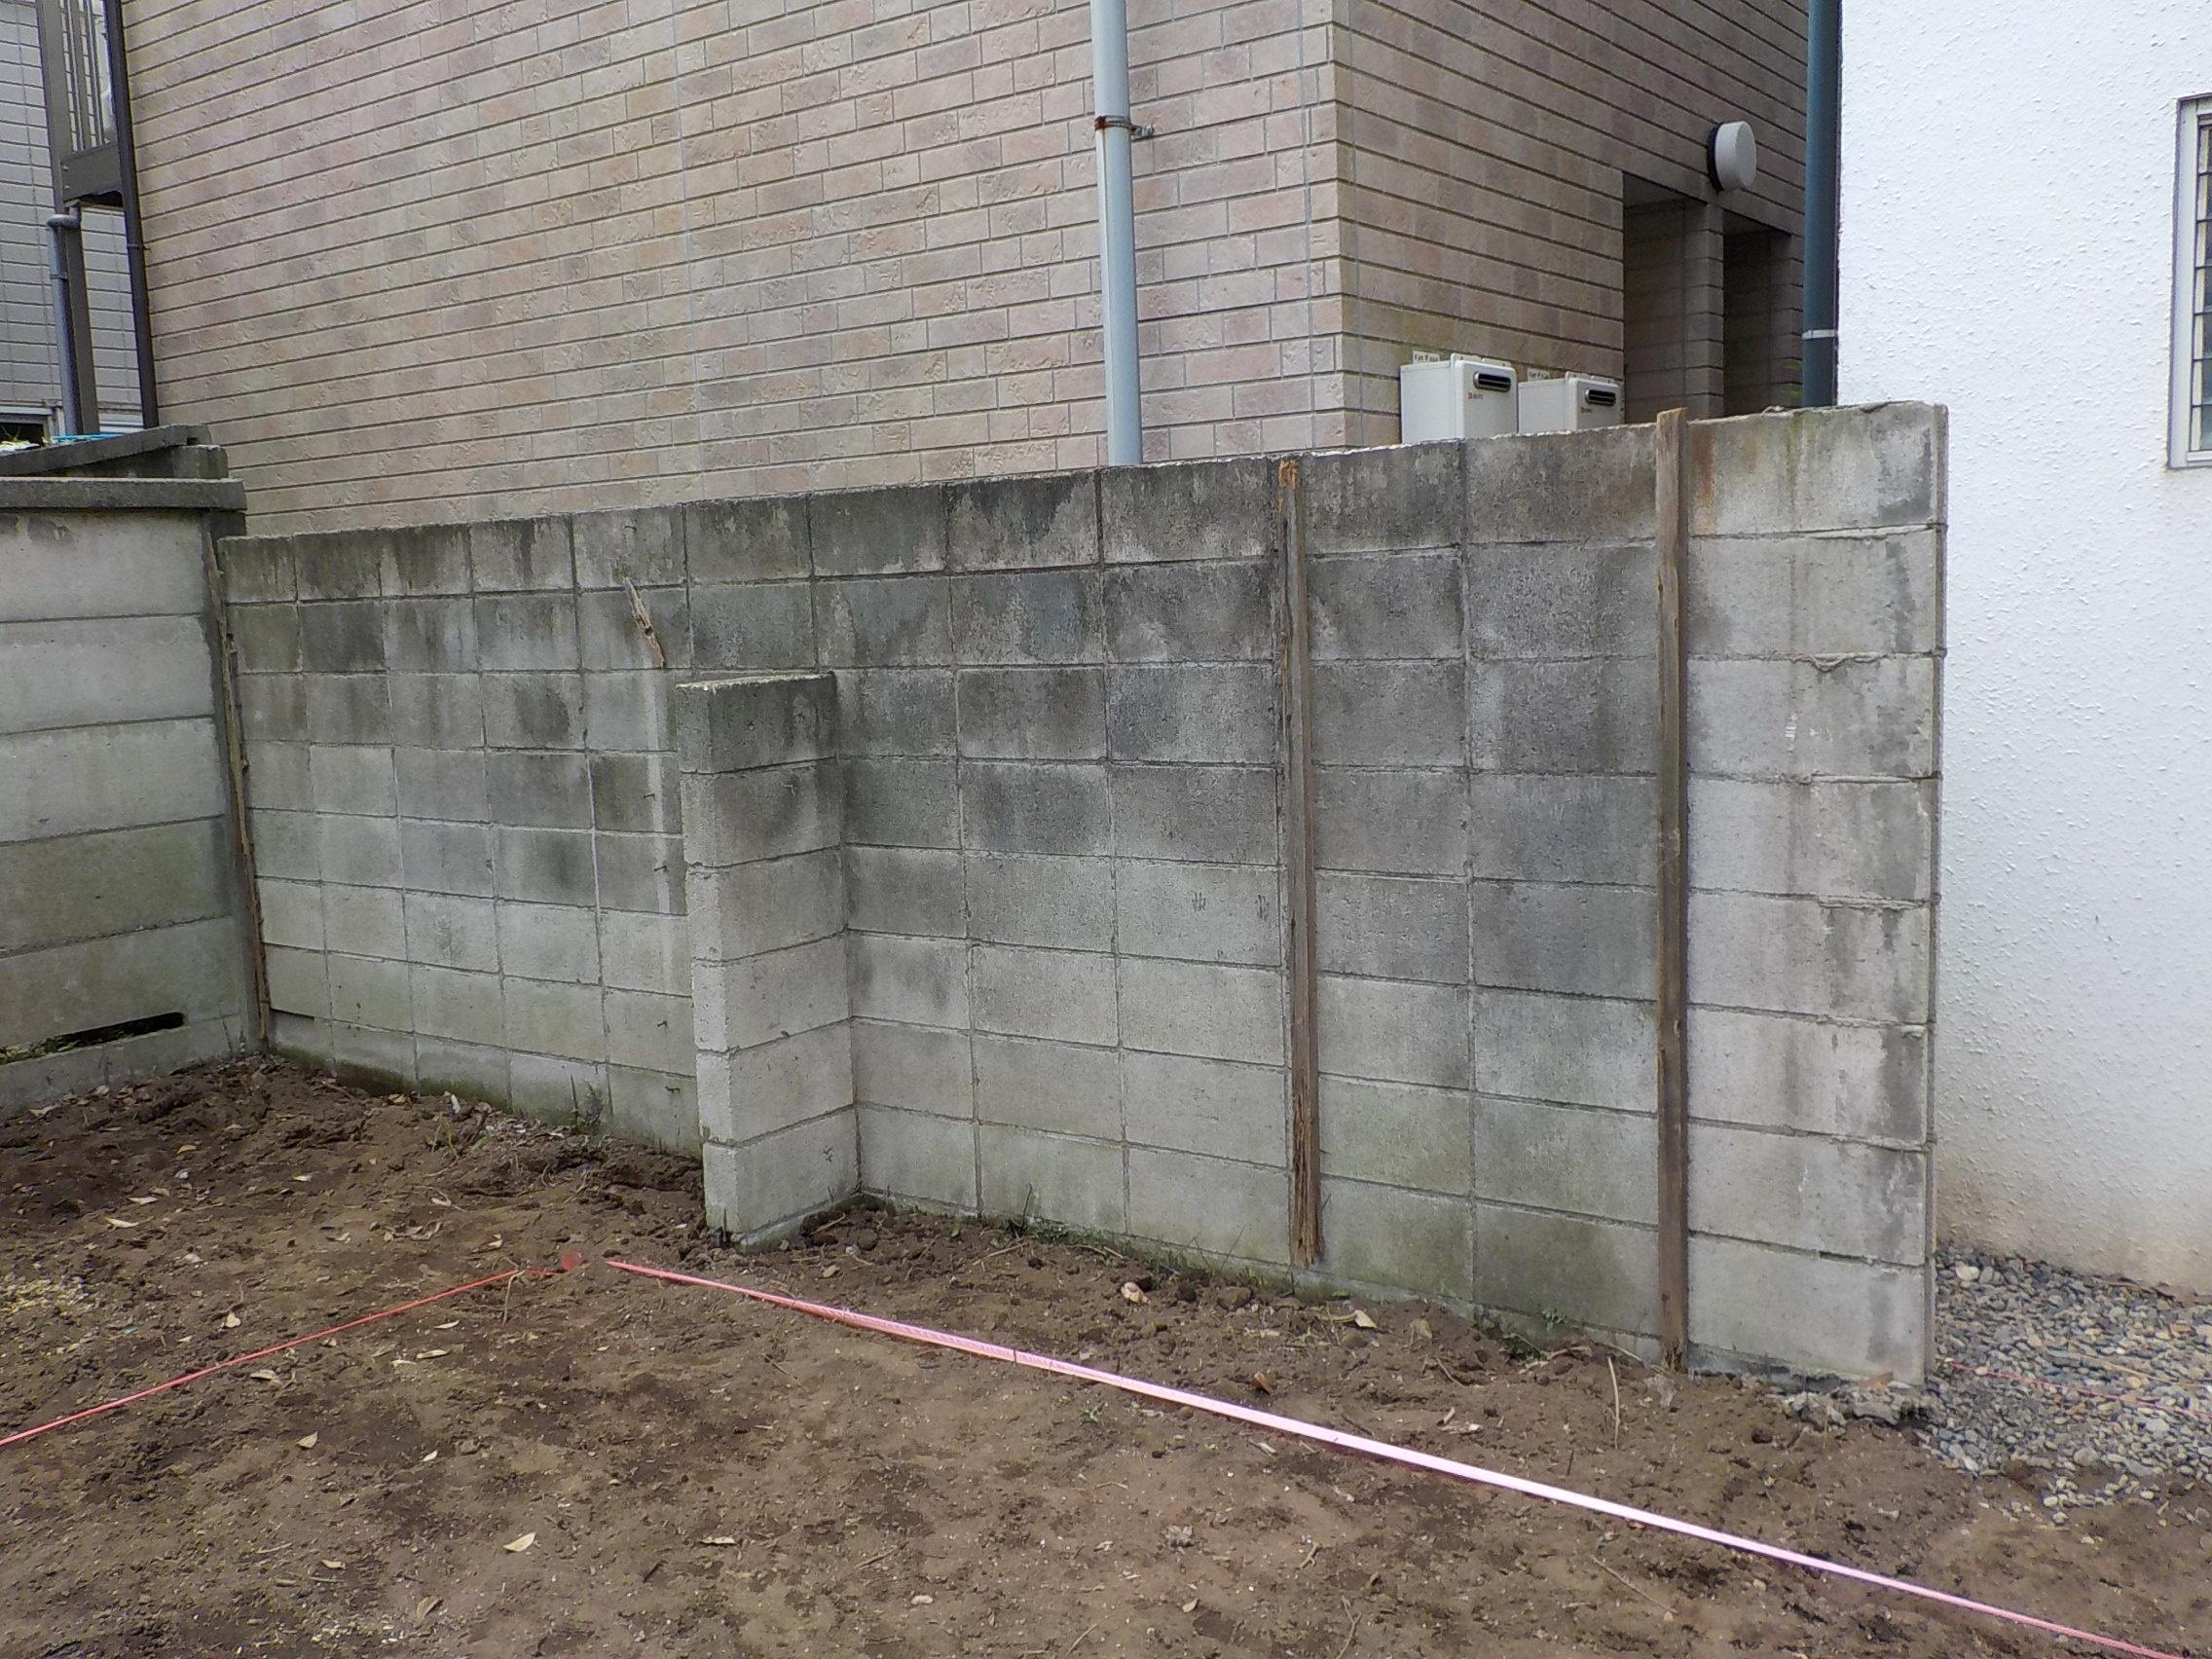 塀擁壁 土地の所有者は責任を問われます 特定非営利活動法人 家